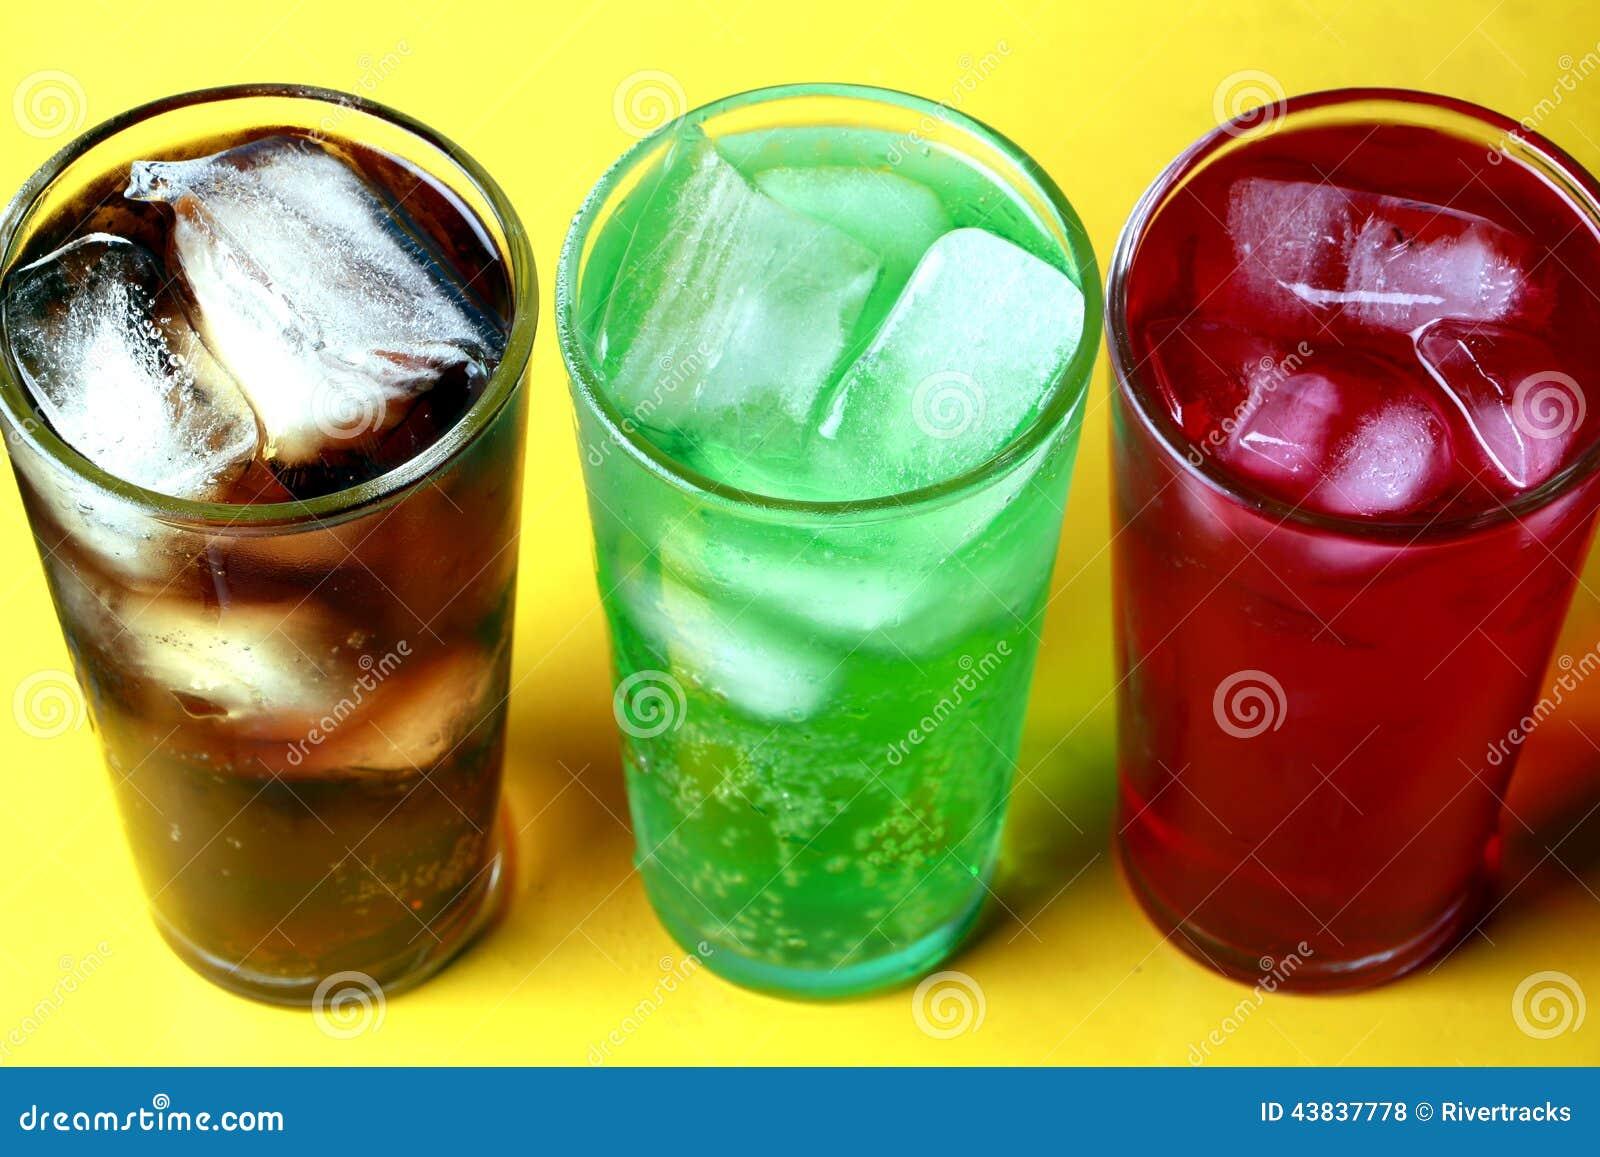 Kola, van de roomsoda en van de frambozensoda bruisende dranken